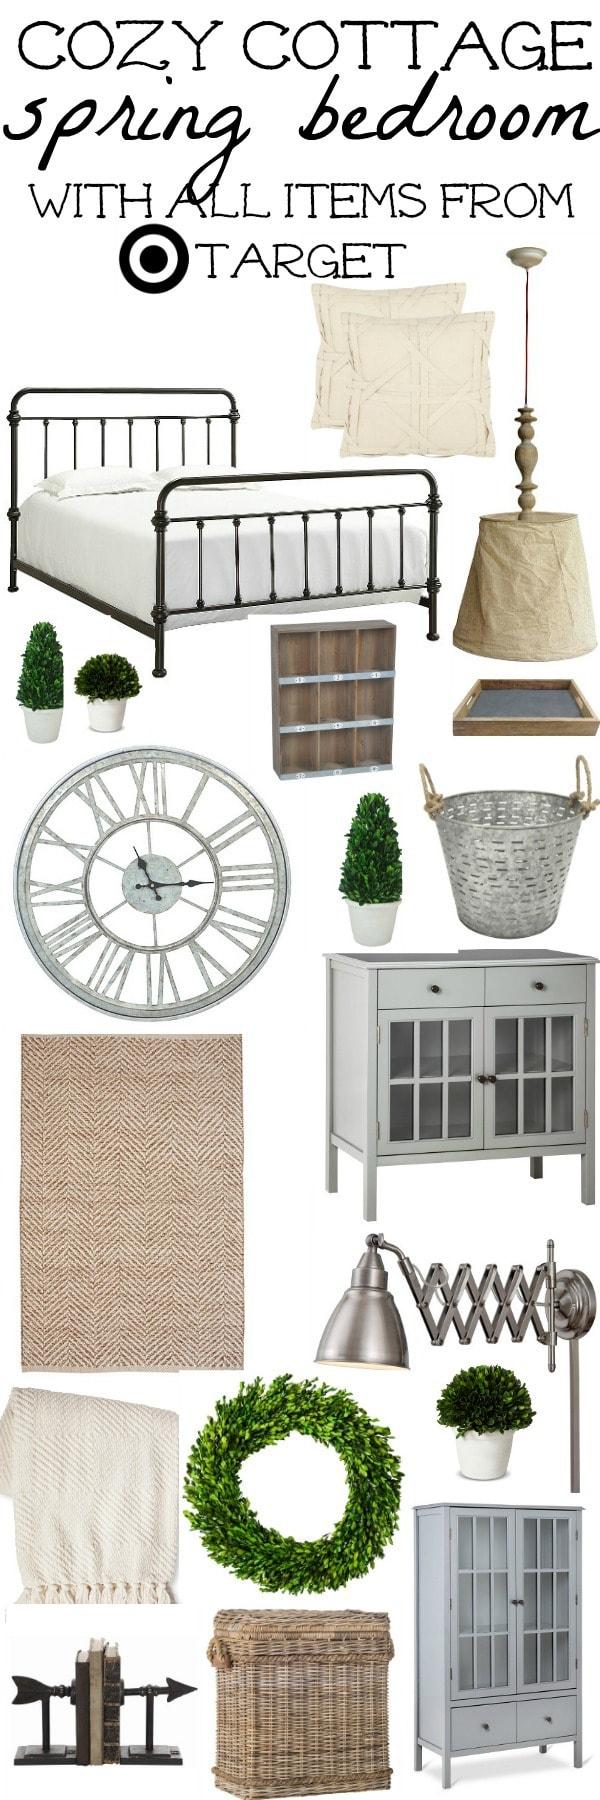 Cozy Cottage Spring Bedroom Design